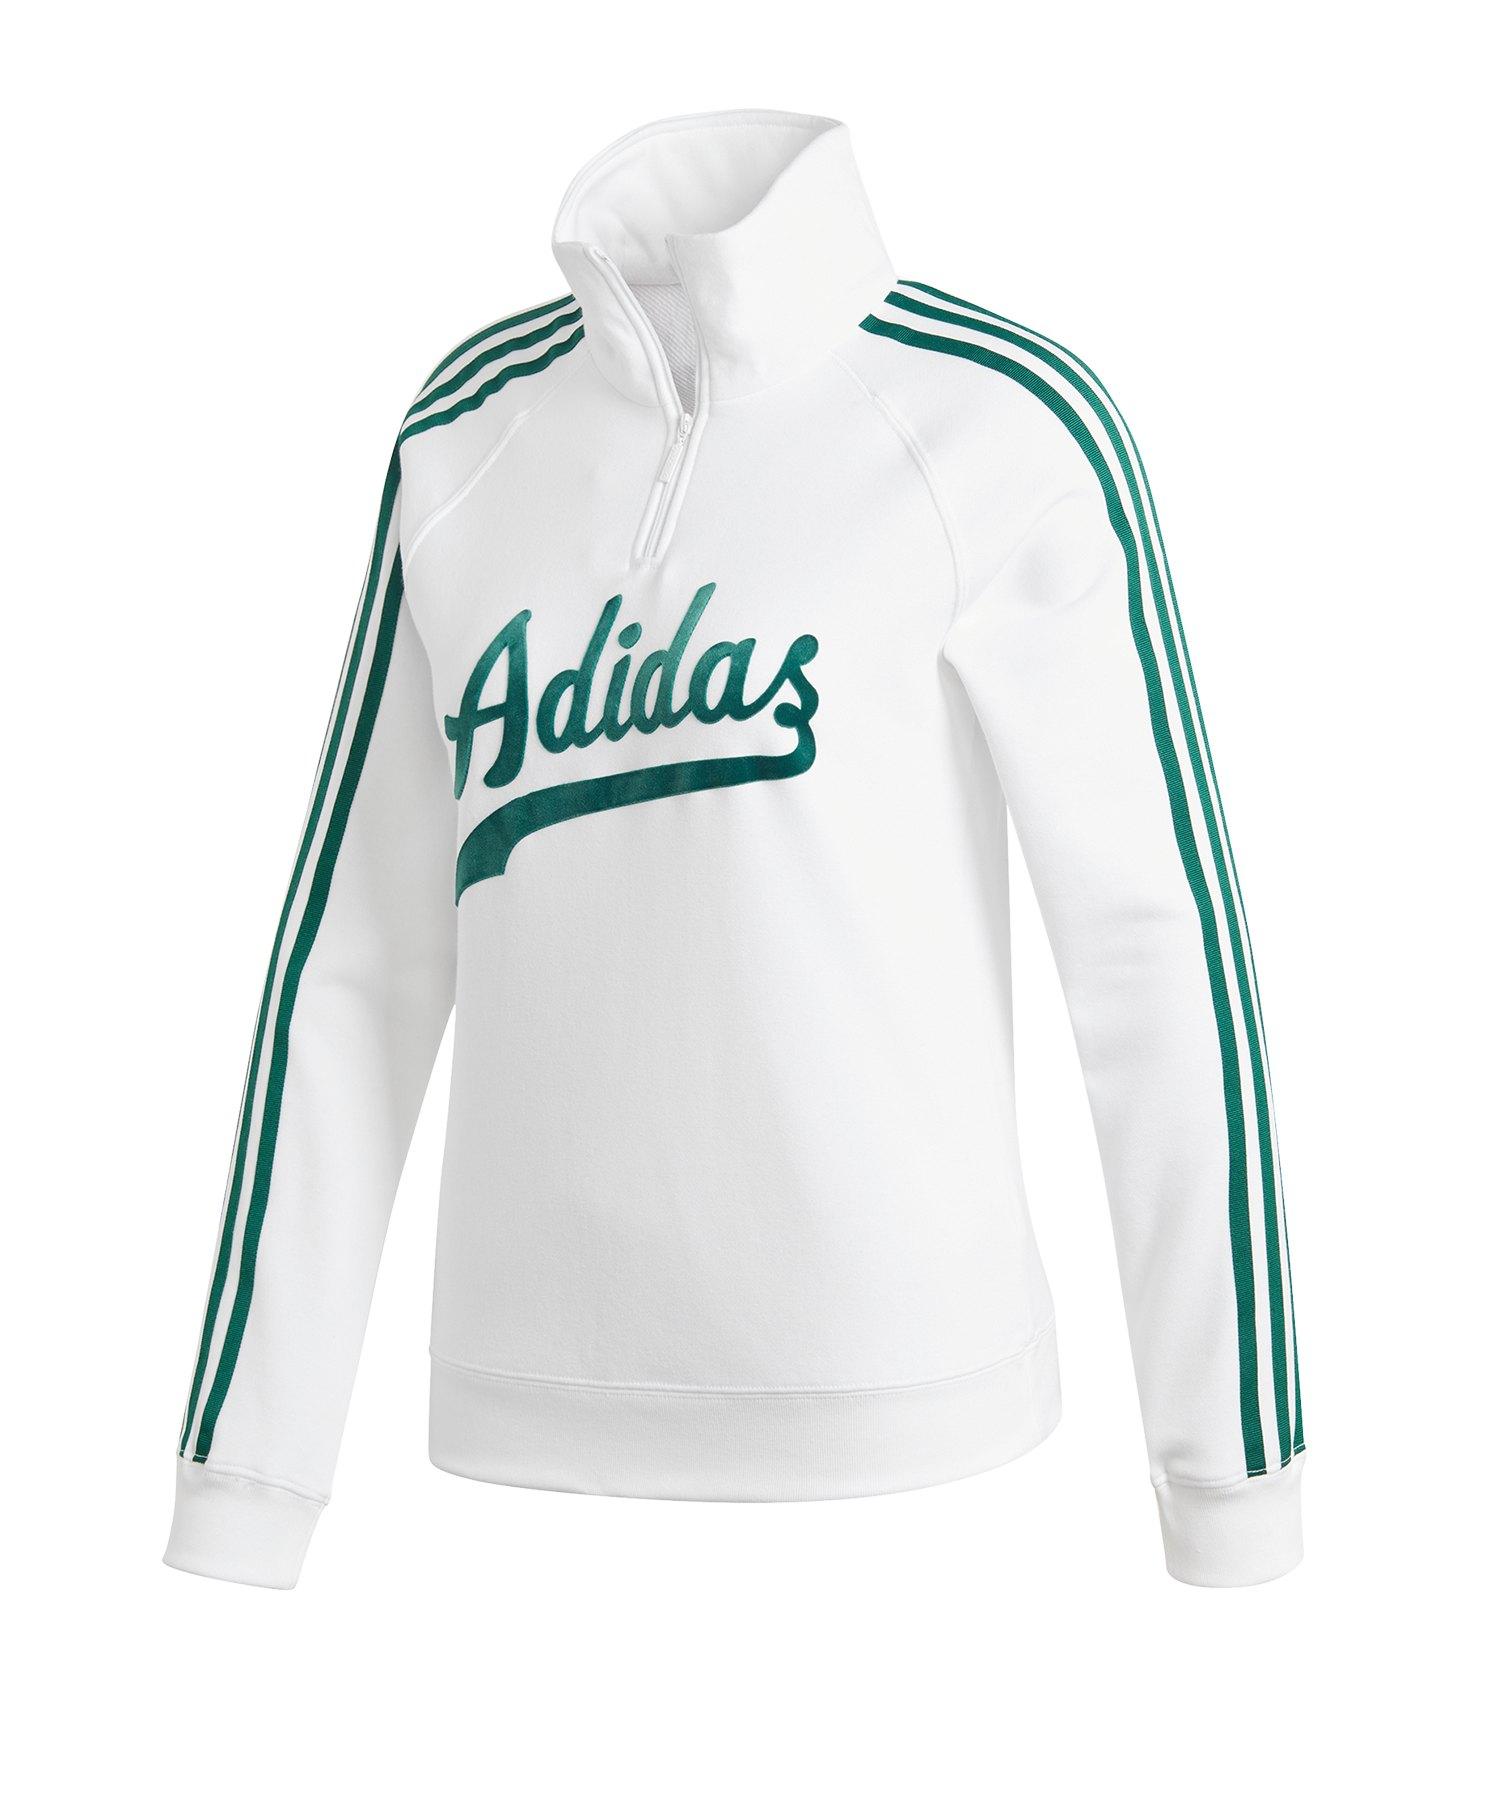 adidas Originals Sweatshirt Damen Weiss